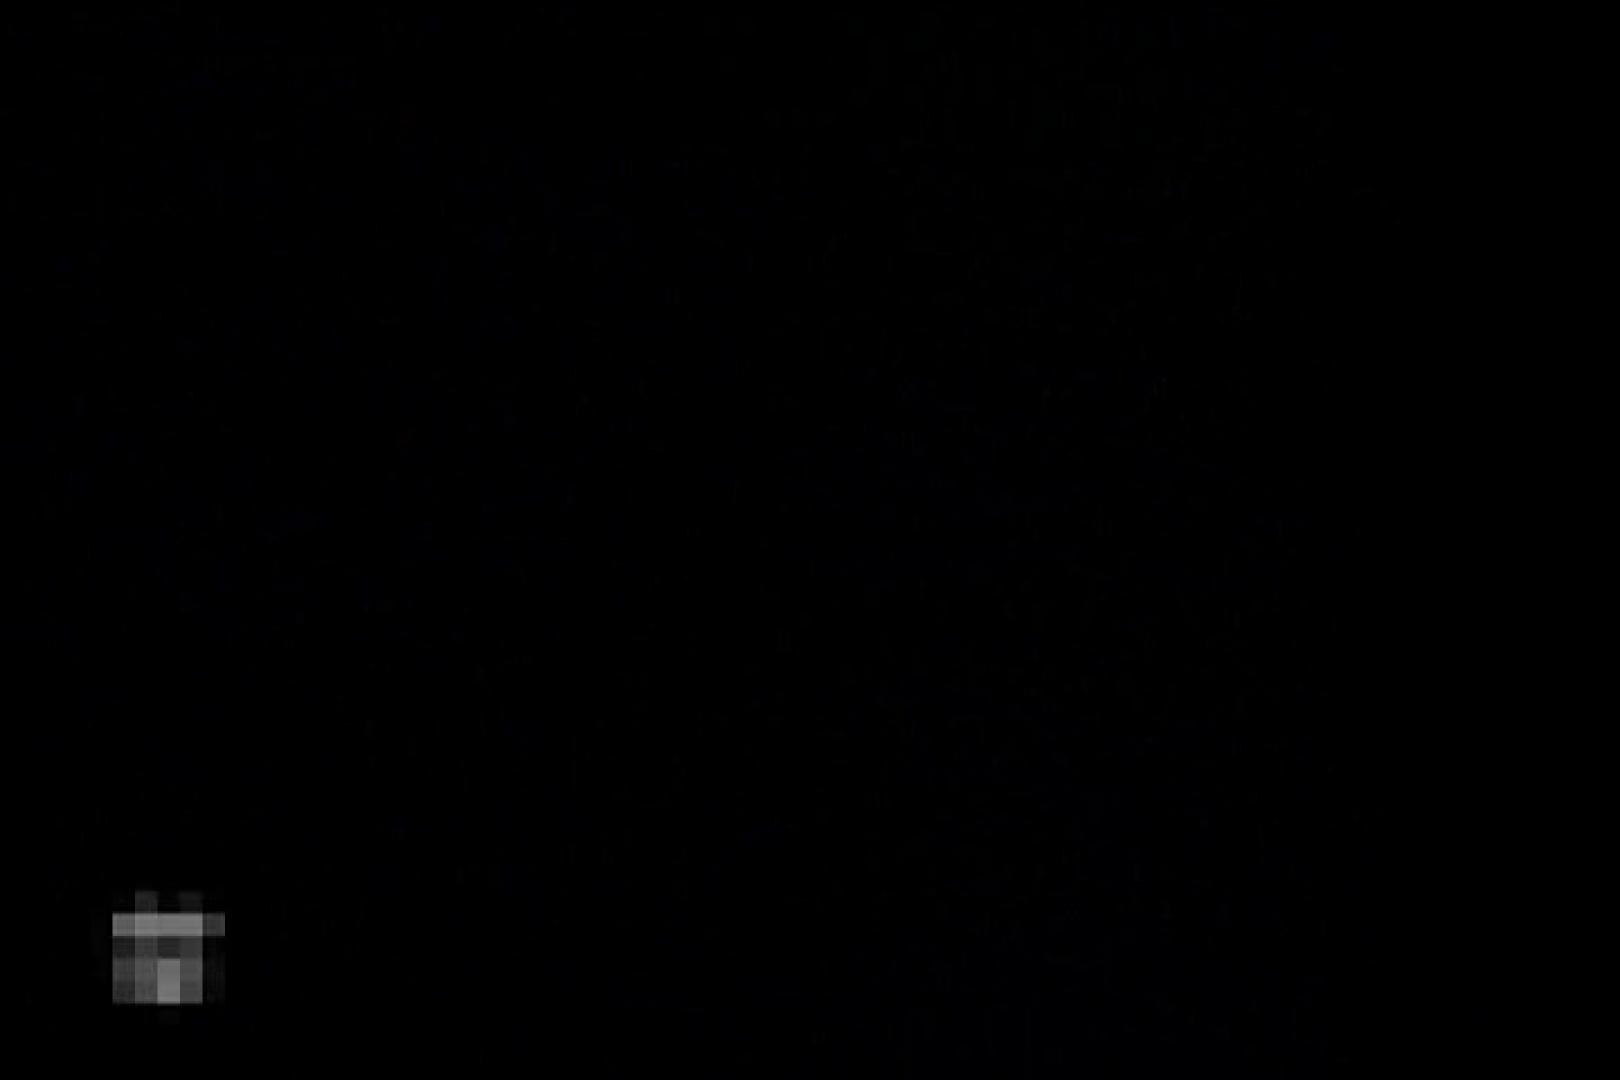 暗躍する夜這い師達Vol.4 ワルノリ  57画像 44